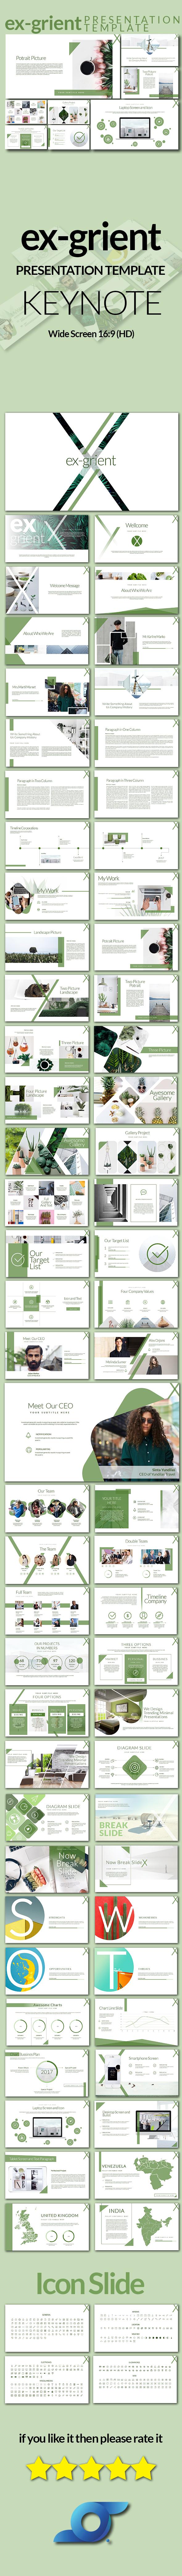 Ex-Grient Keynote Presentation - PowerPoint Templates Presentation Templates